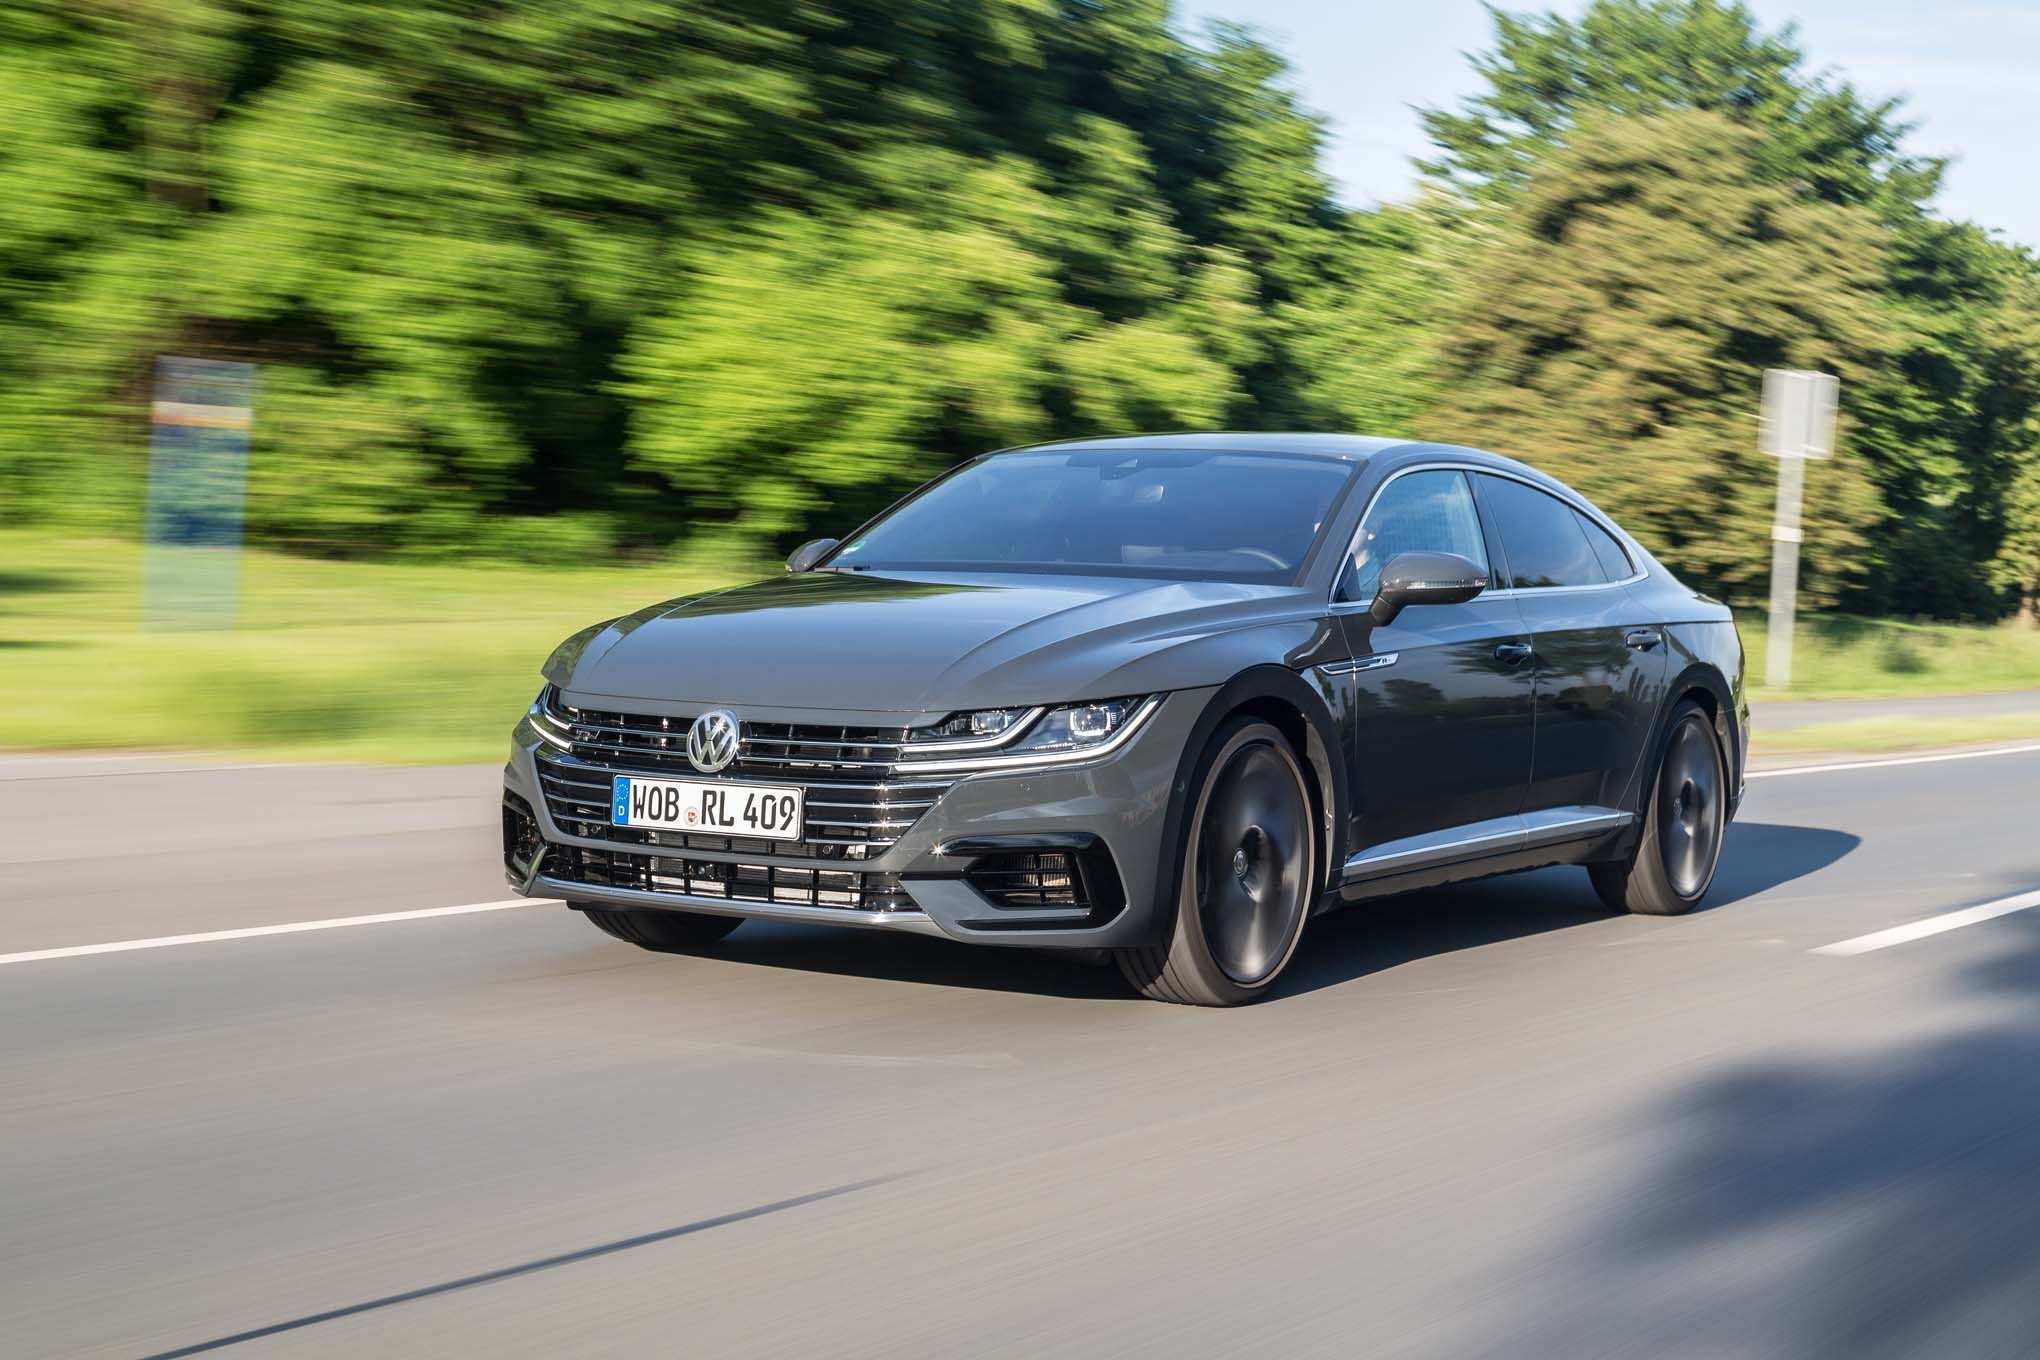 22 New 2019 Volkswagen Arteon Specs Exterior for 2019 Volkswagen Arteon Specs